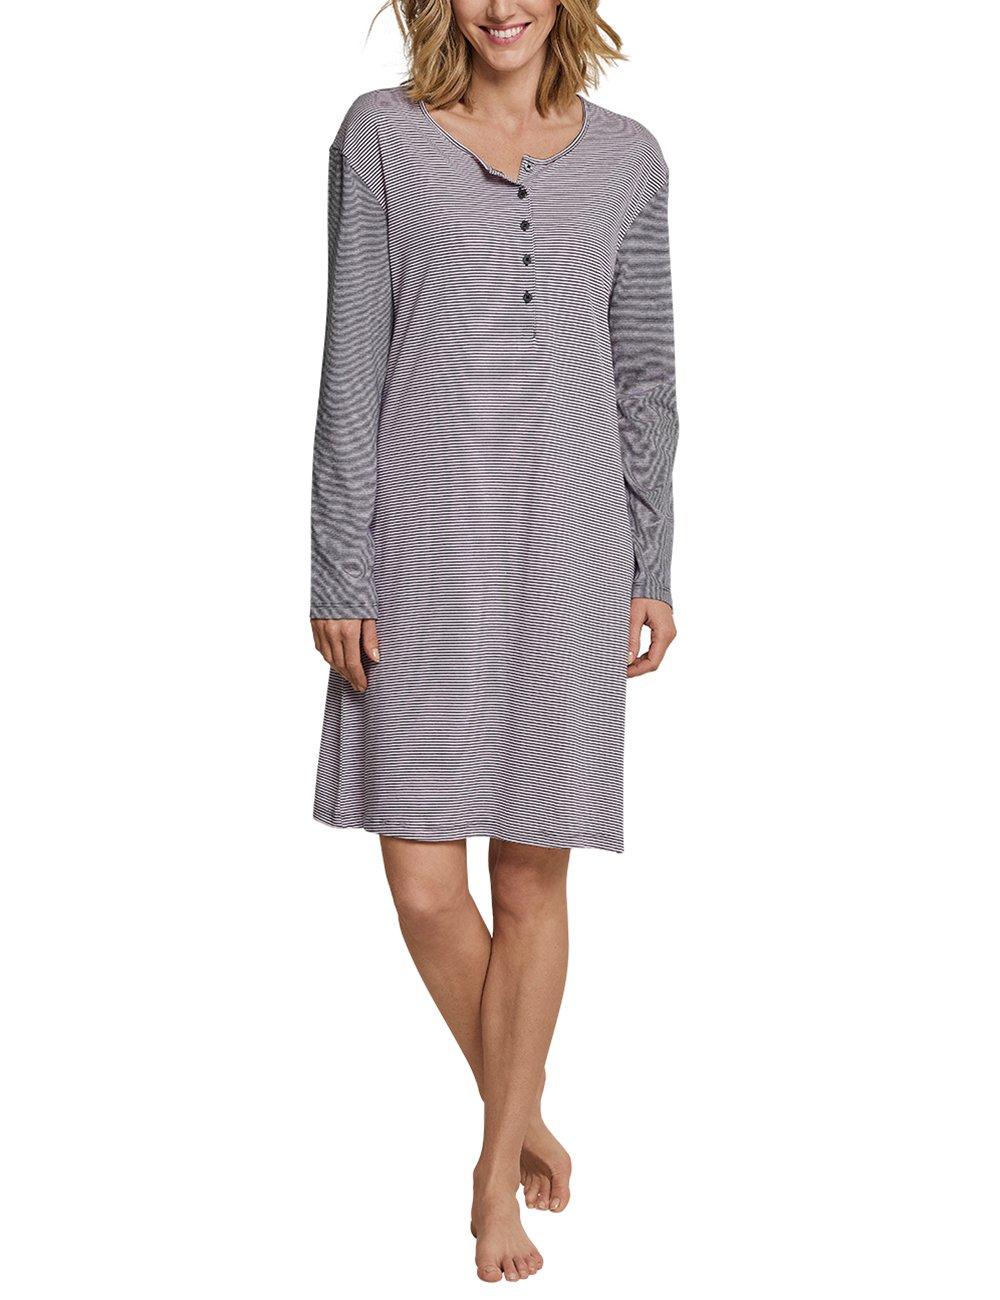 Schiesser 女士经典睡衣长袖,条纹女士内衣,由柔软舒适的棉莫代尔混合搭配纽扣衣襟